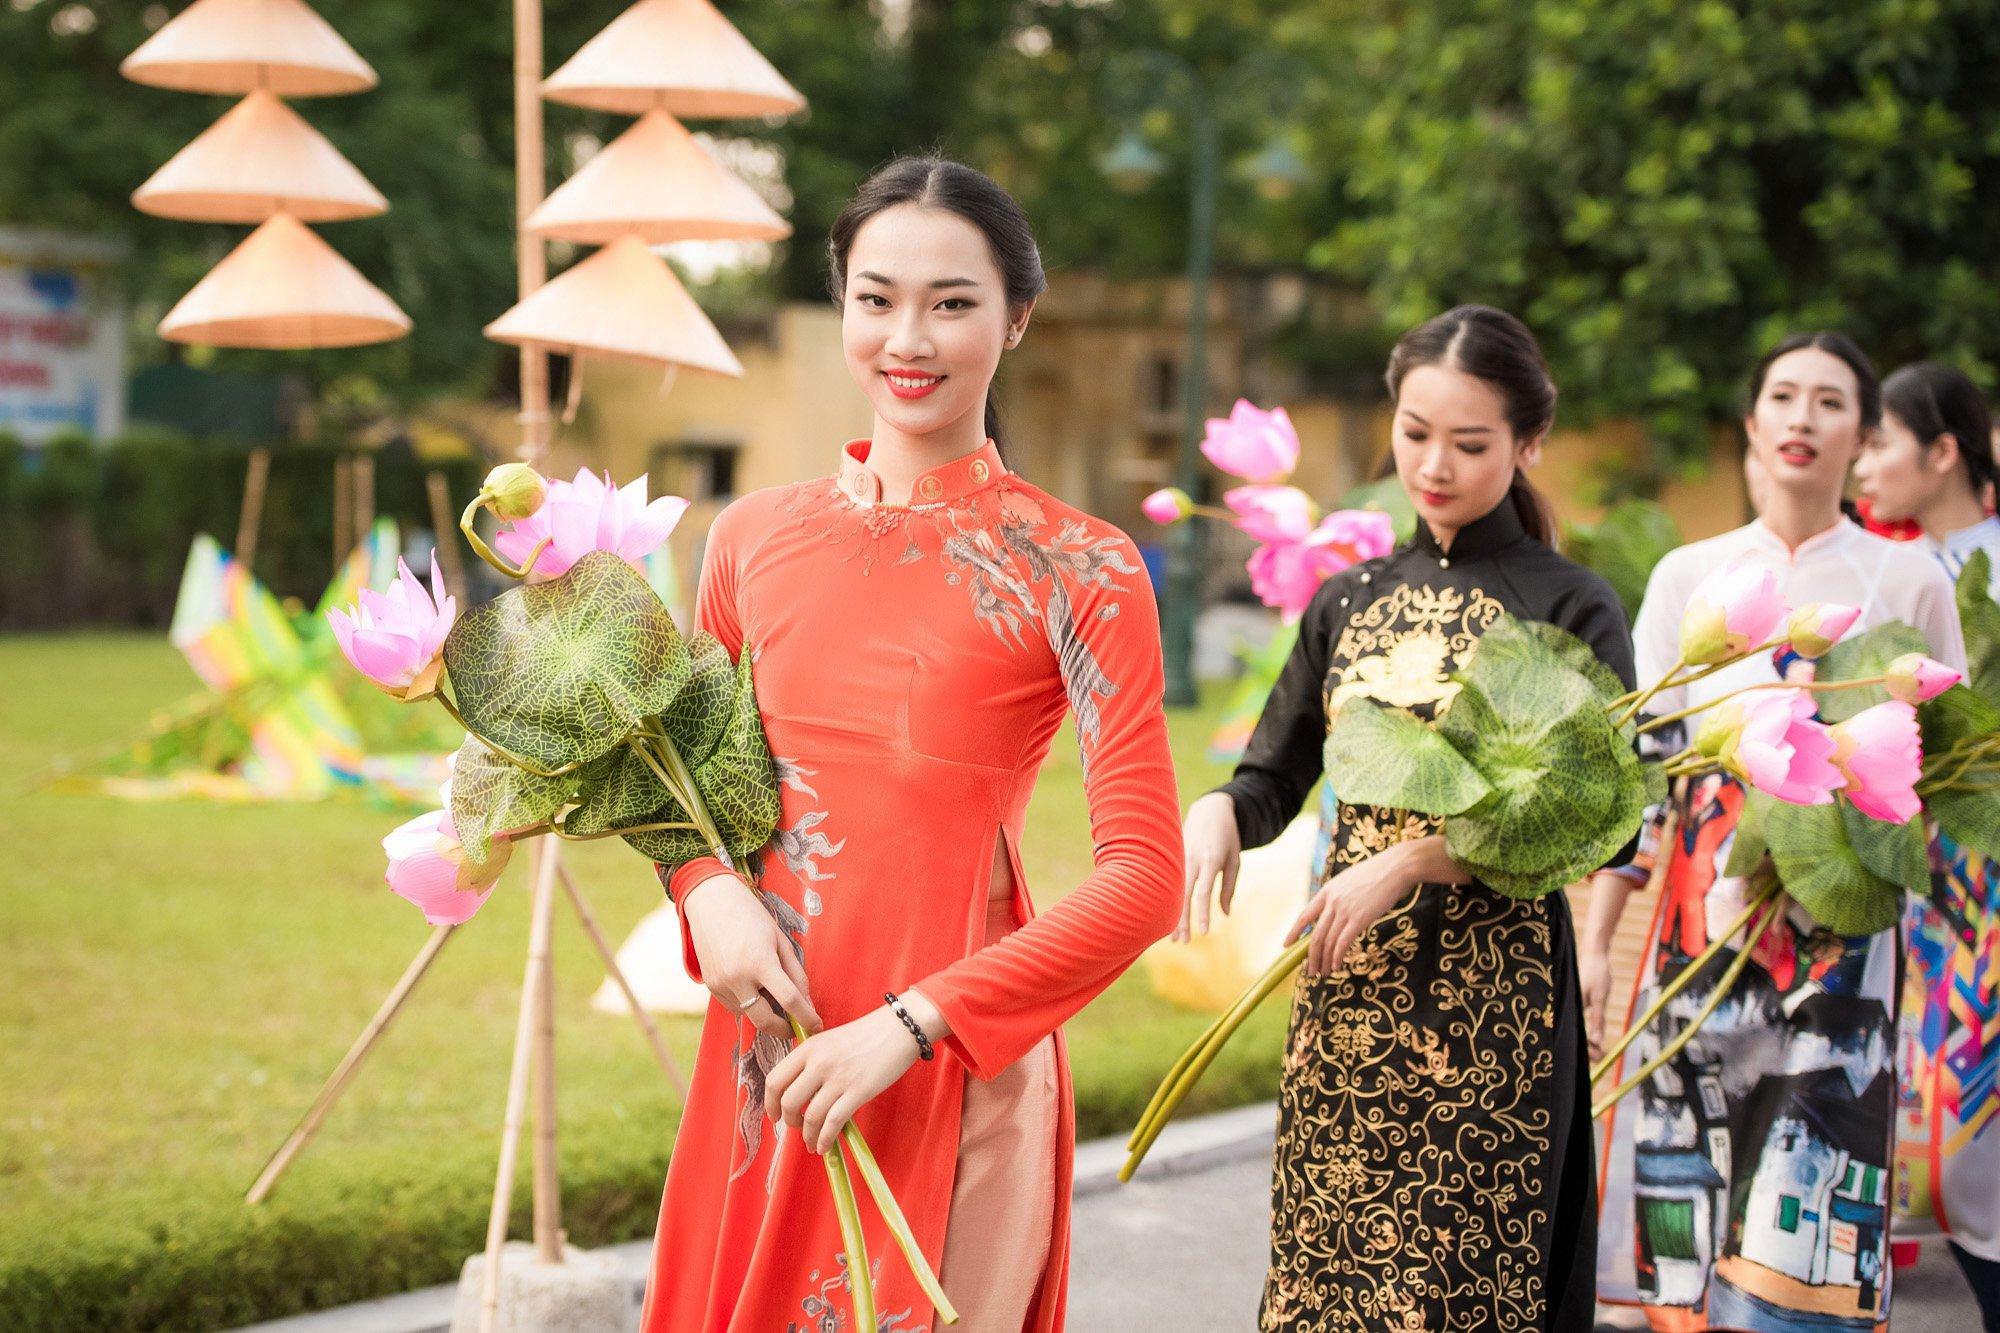 Festival áo dài ngày cuối - Người đẹp mặc áo dài đi diễu hành qua phố 9